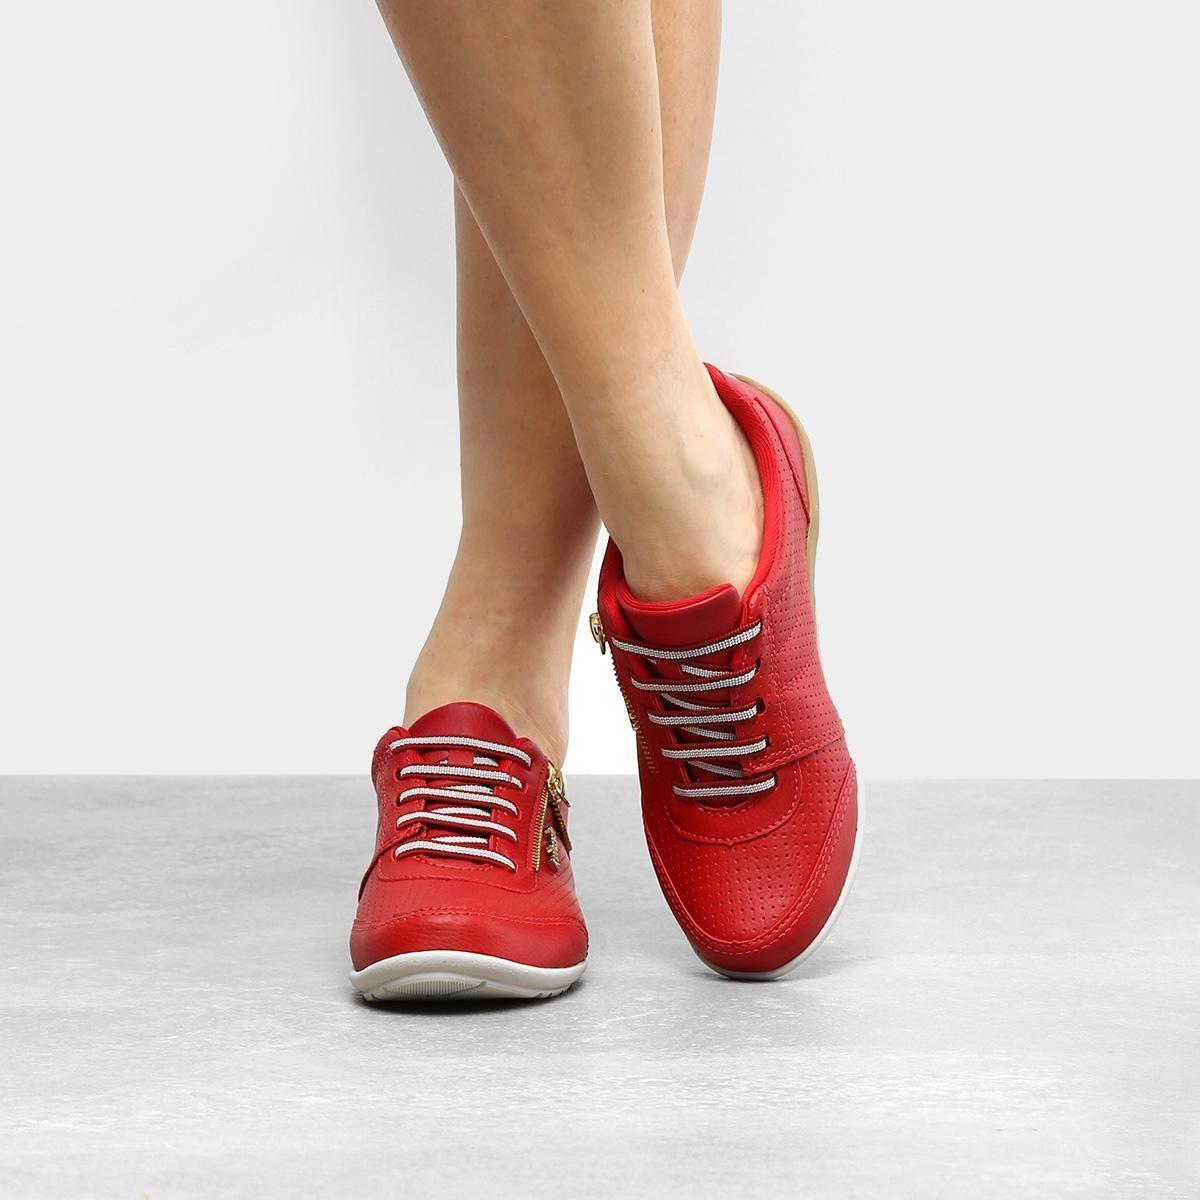 8d936a1a6 tênis kolosh zíper lateral strass feminino. Carregando zoom.